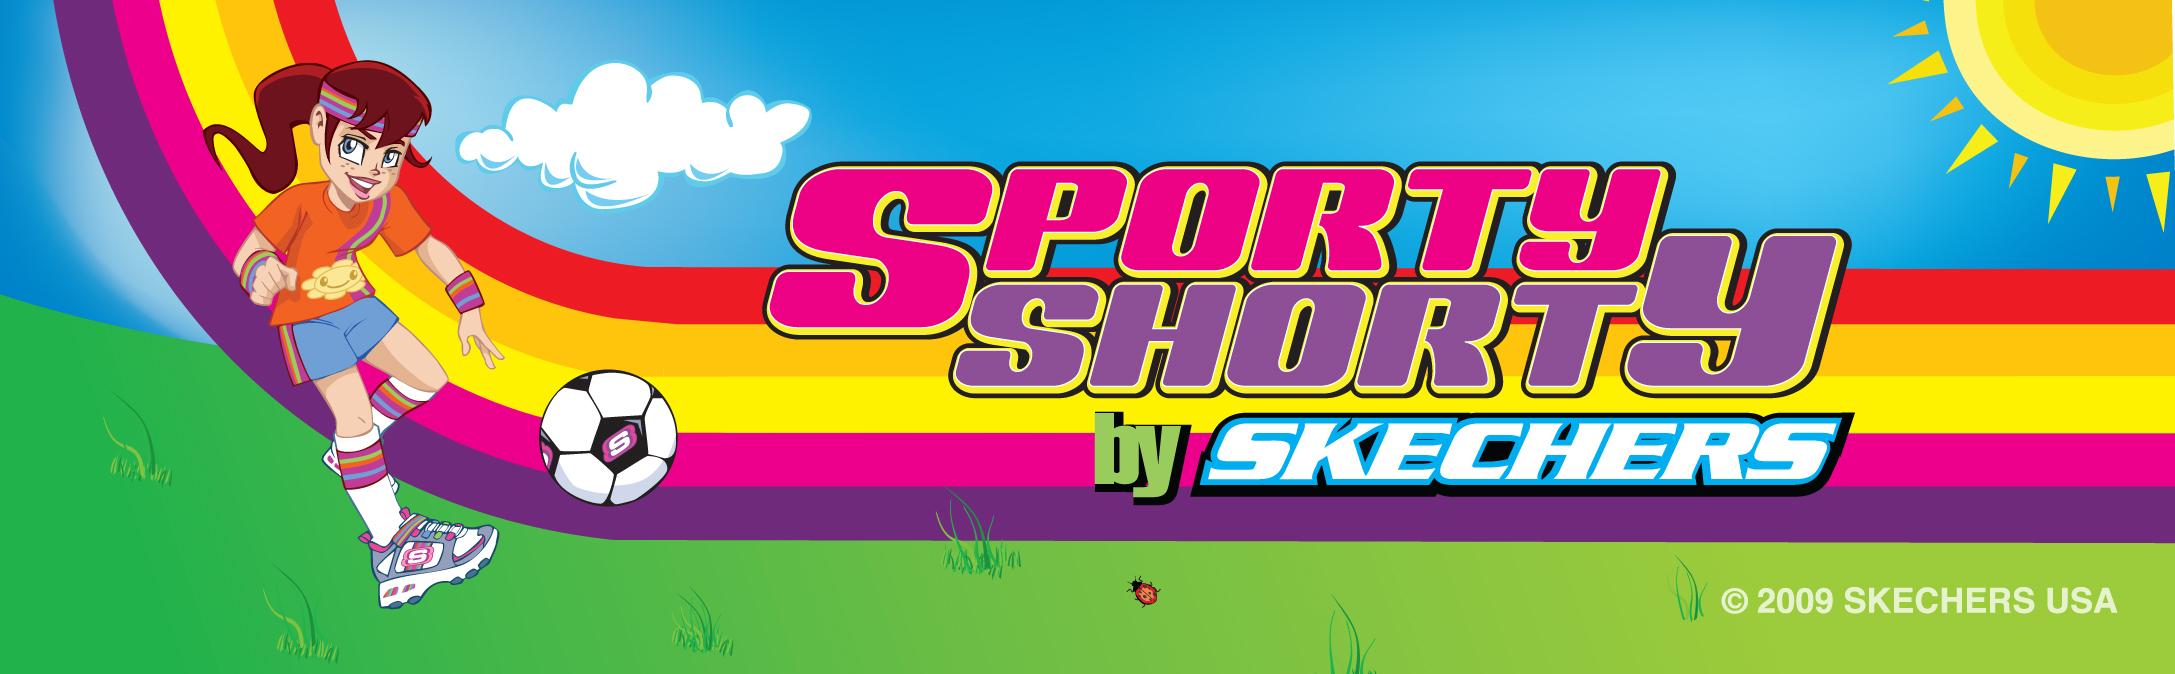 sporty shorty skechers